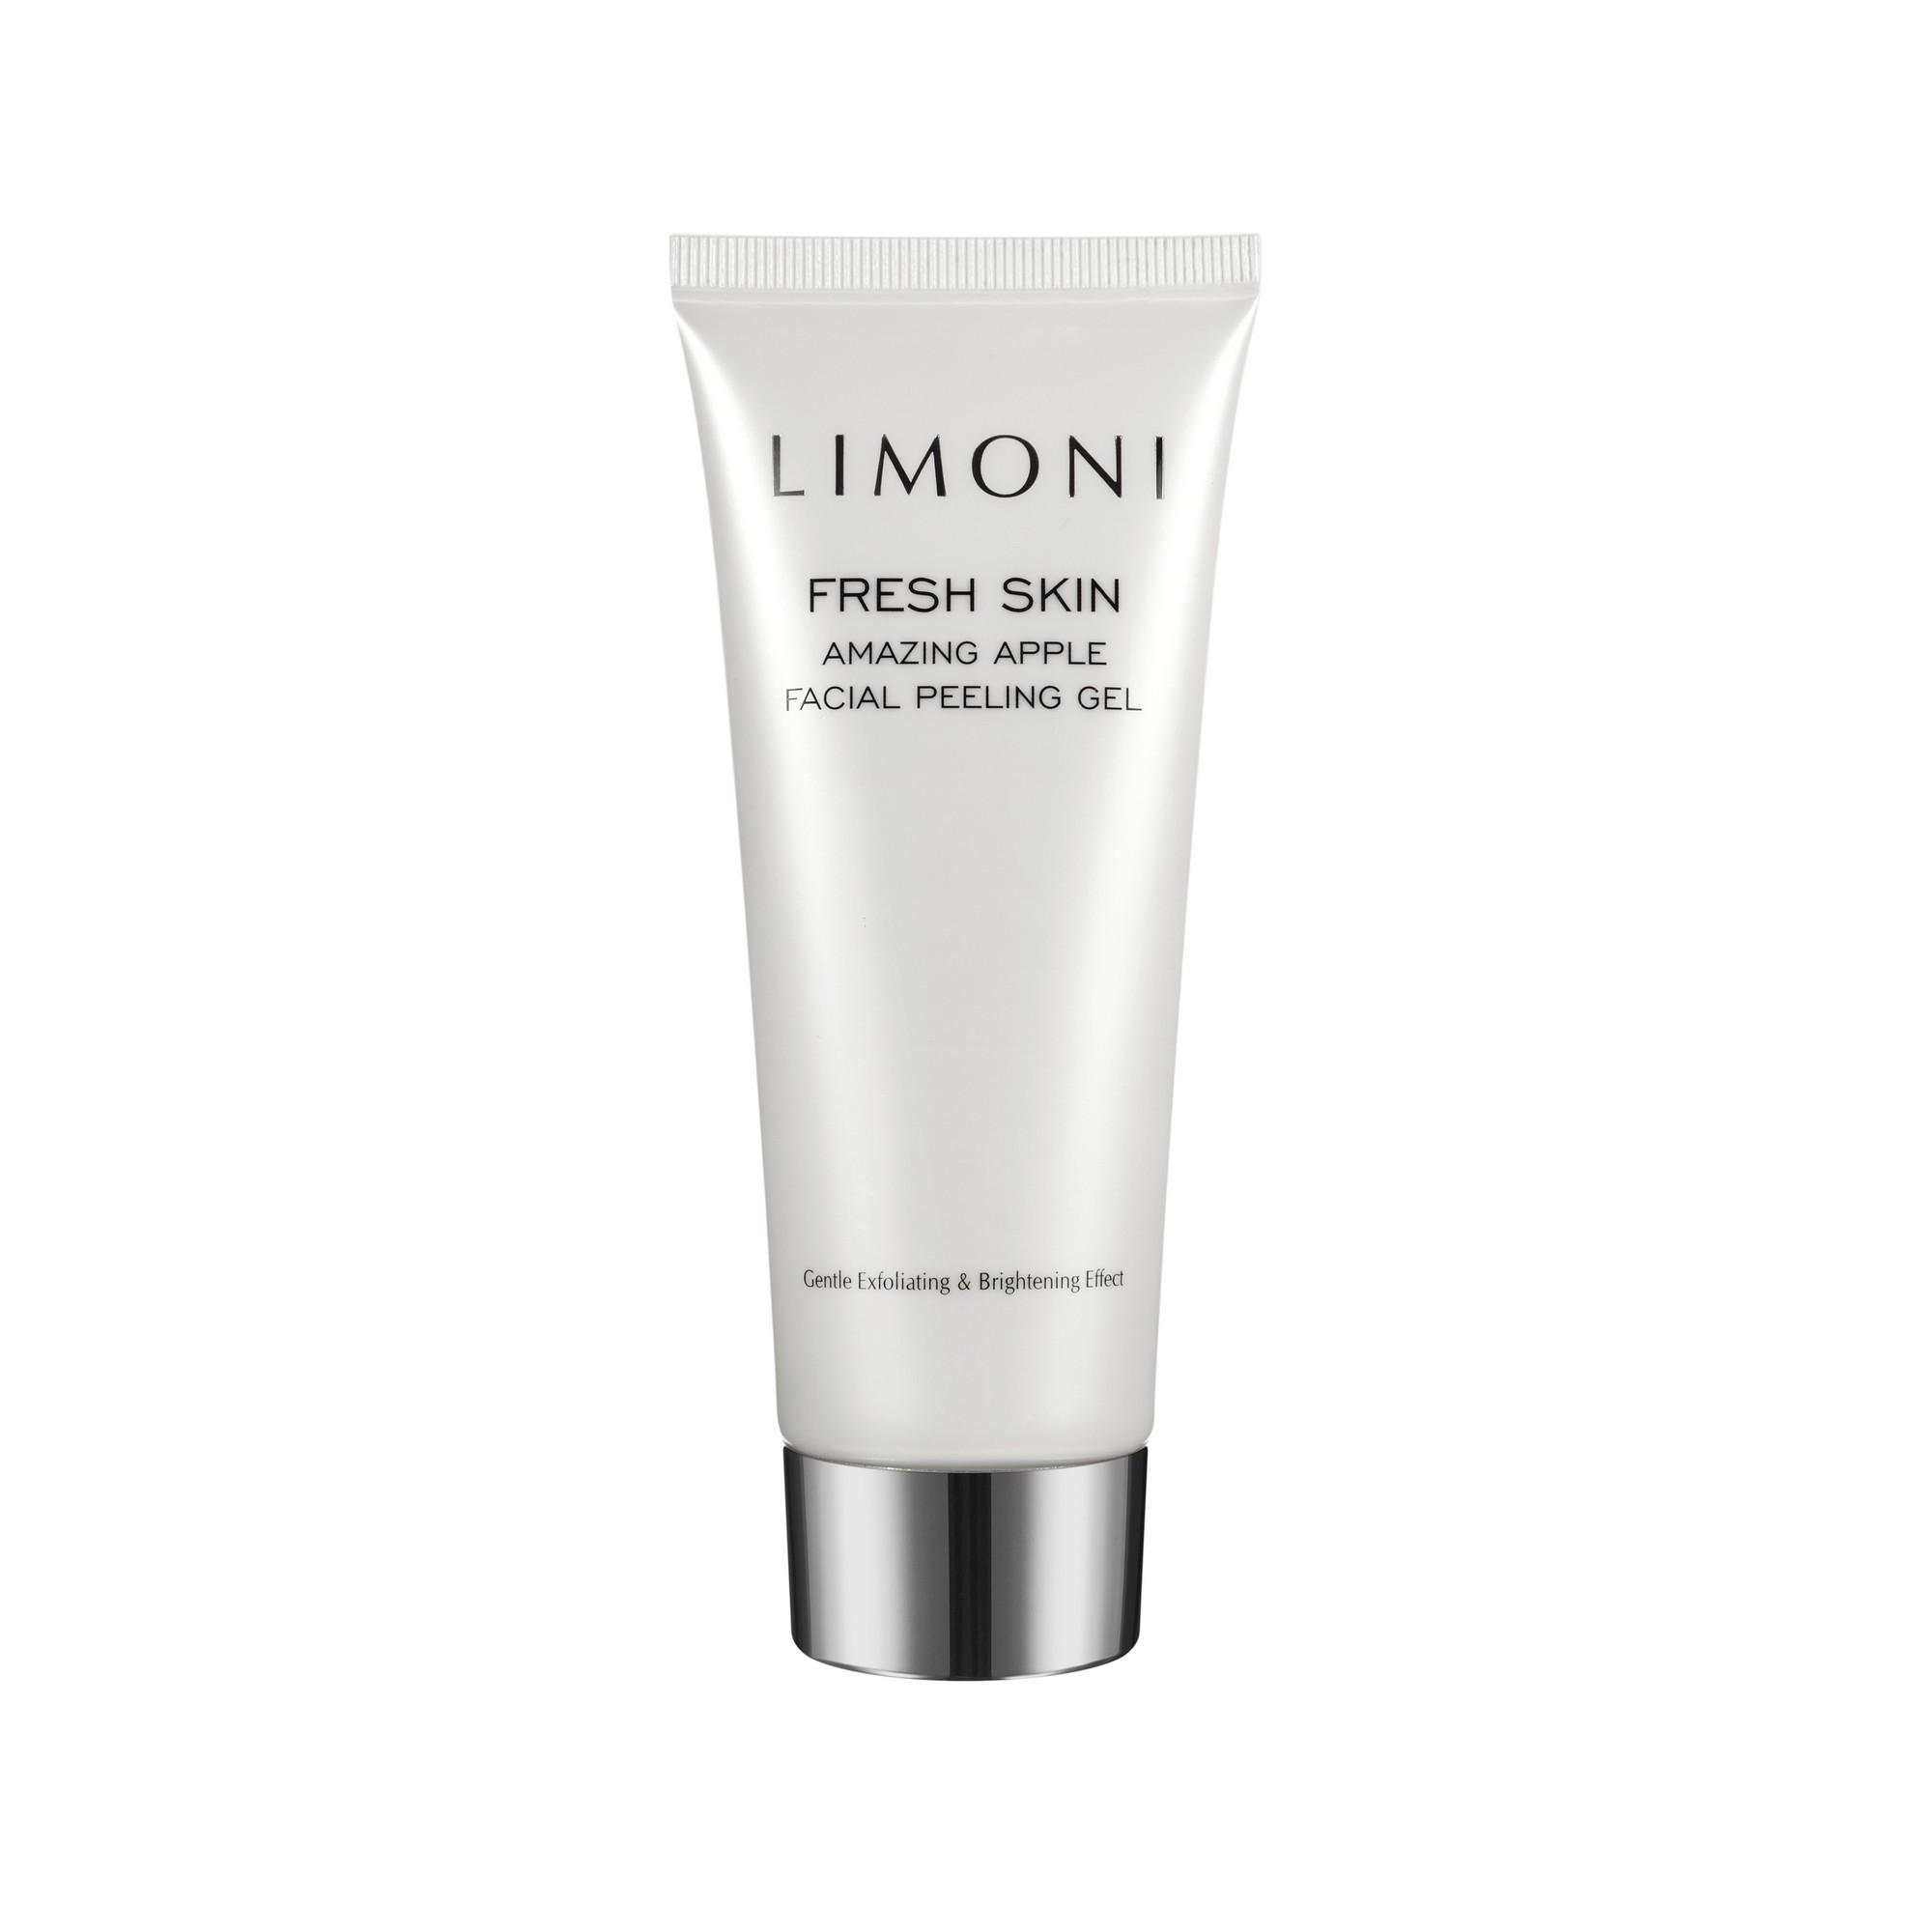 Купить со скидкой LIMONI Пилинг-гель яблочный для лица / Amazing Apple Facial Peeling Gel 100 мл